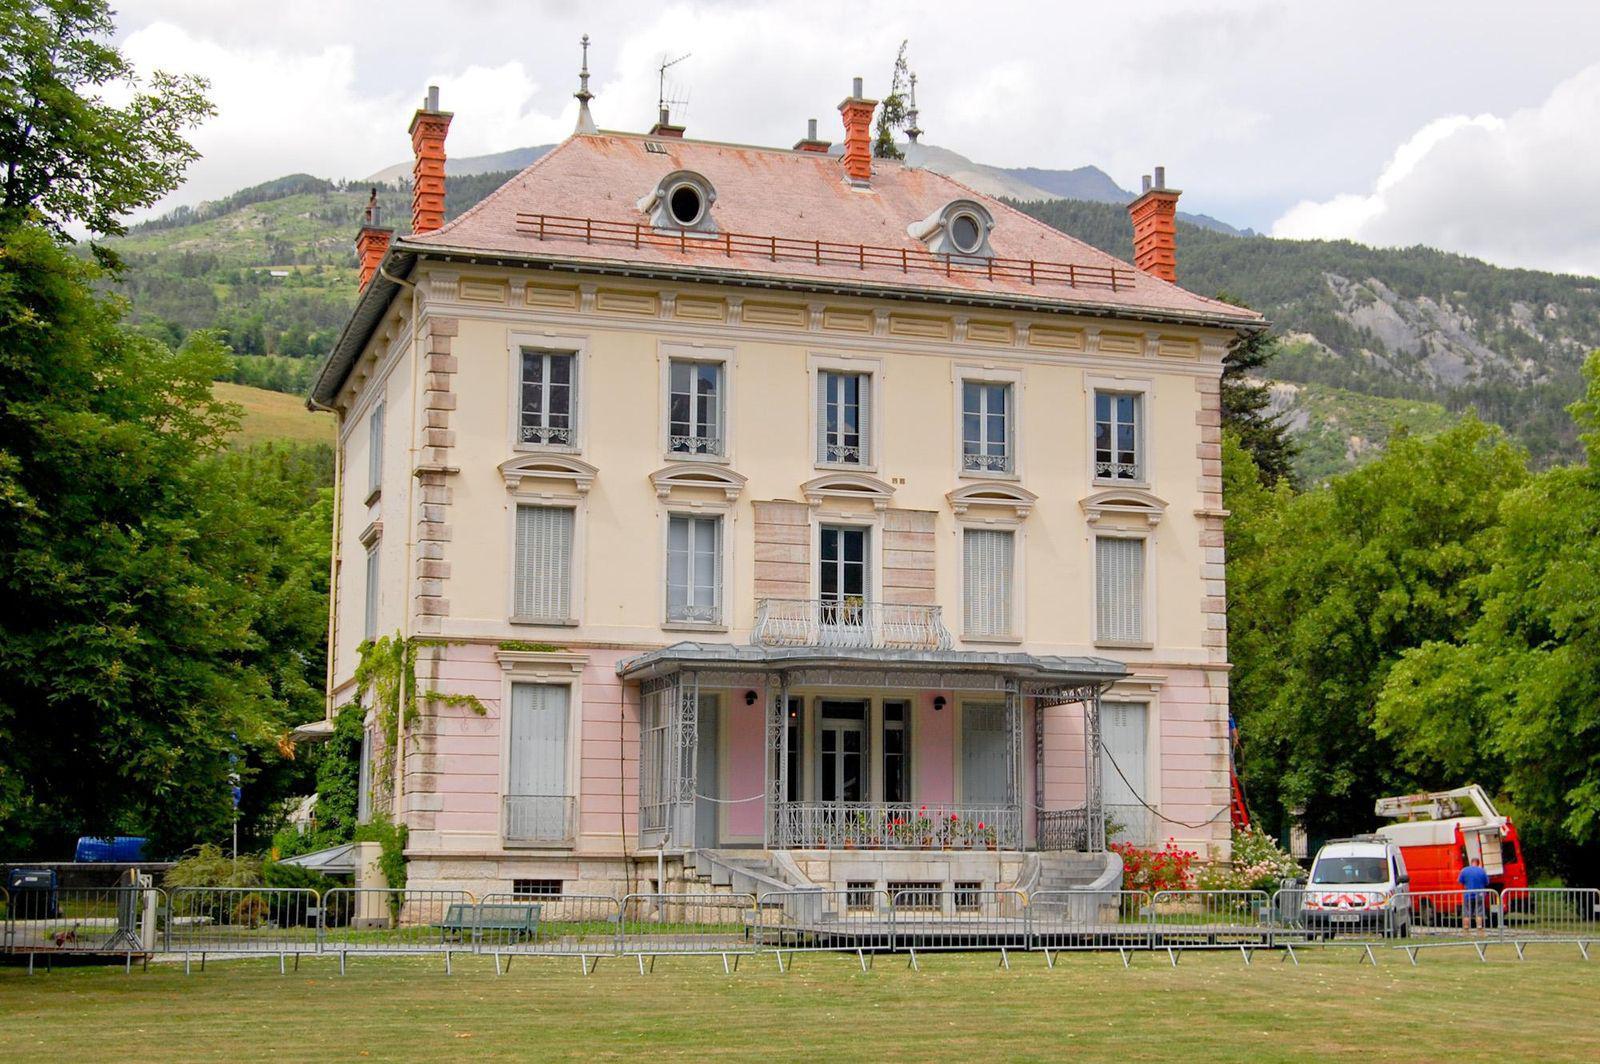 Musée de Vallée_Jausiers